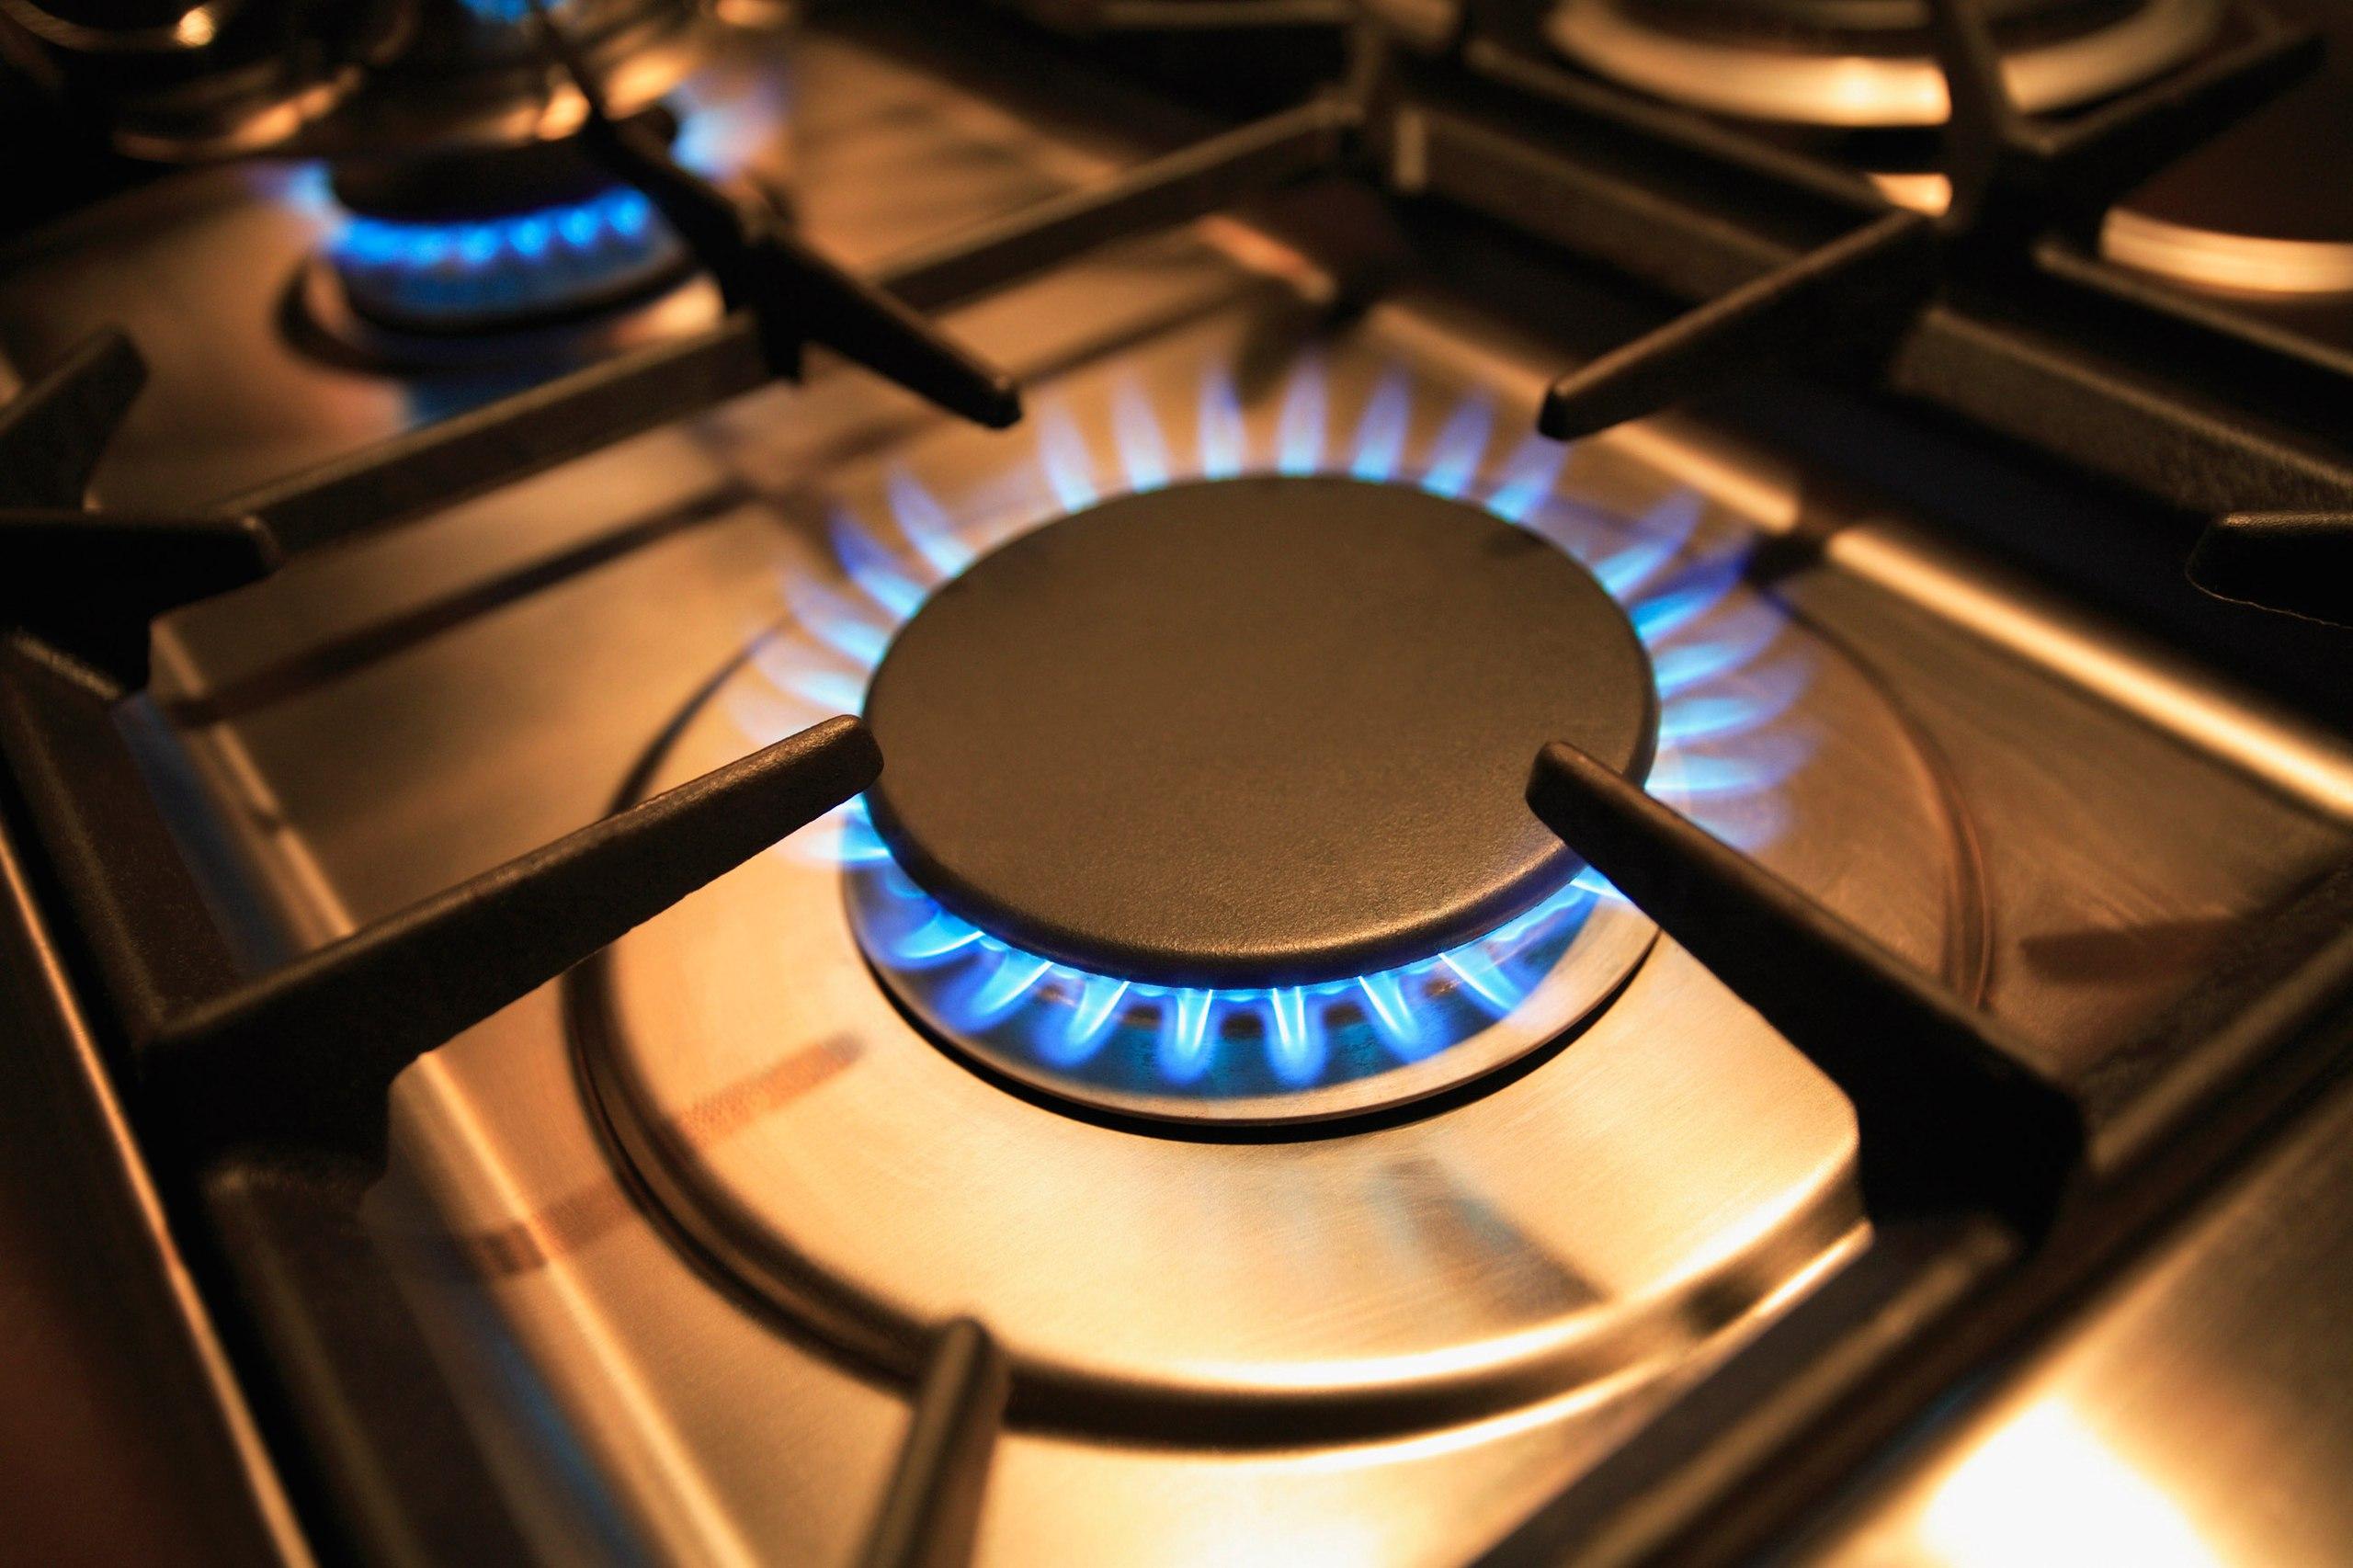 Конфорки для газовой плиты: что такое wok-конфорки и экспресс-конфорки? особенности усиленных больших моделей. расположение и устройство конфорок